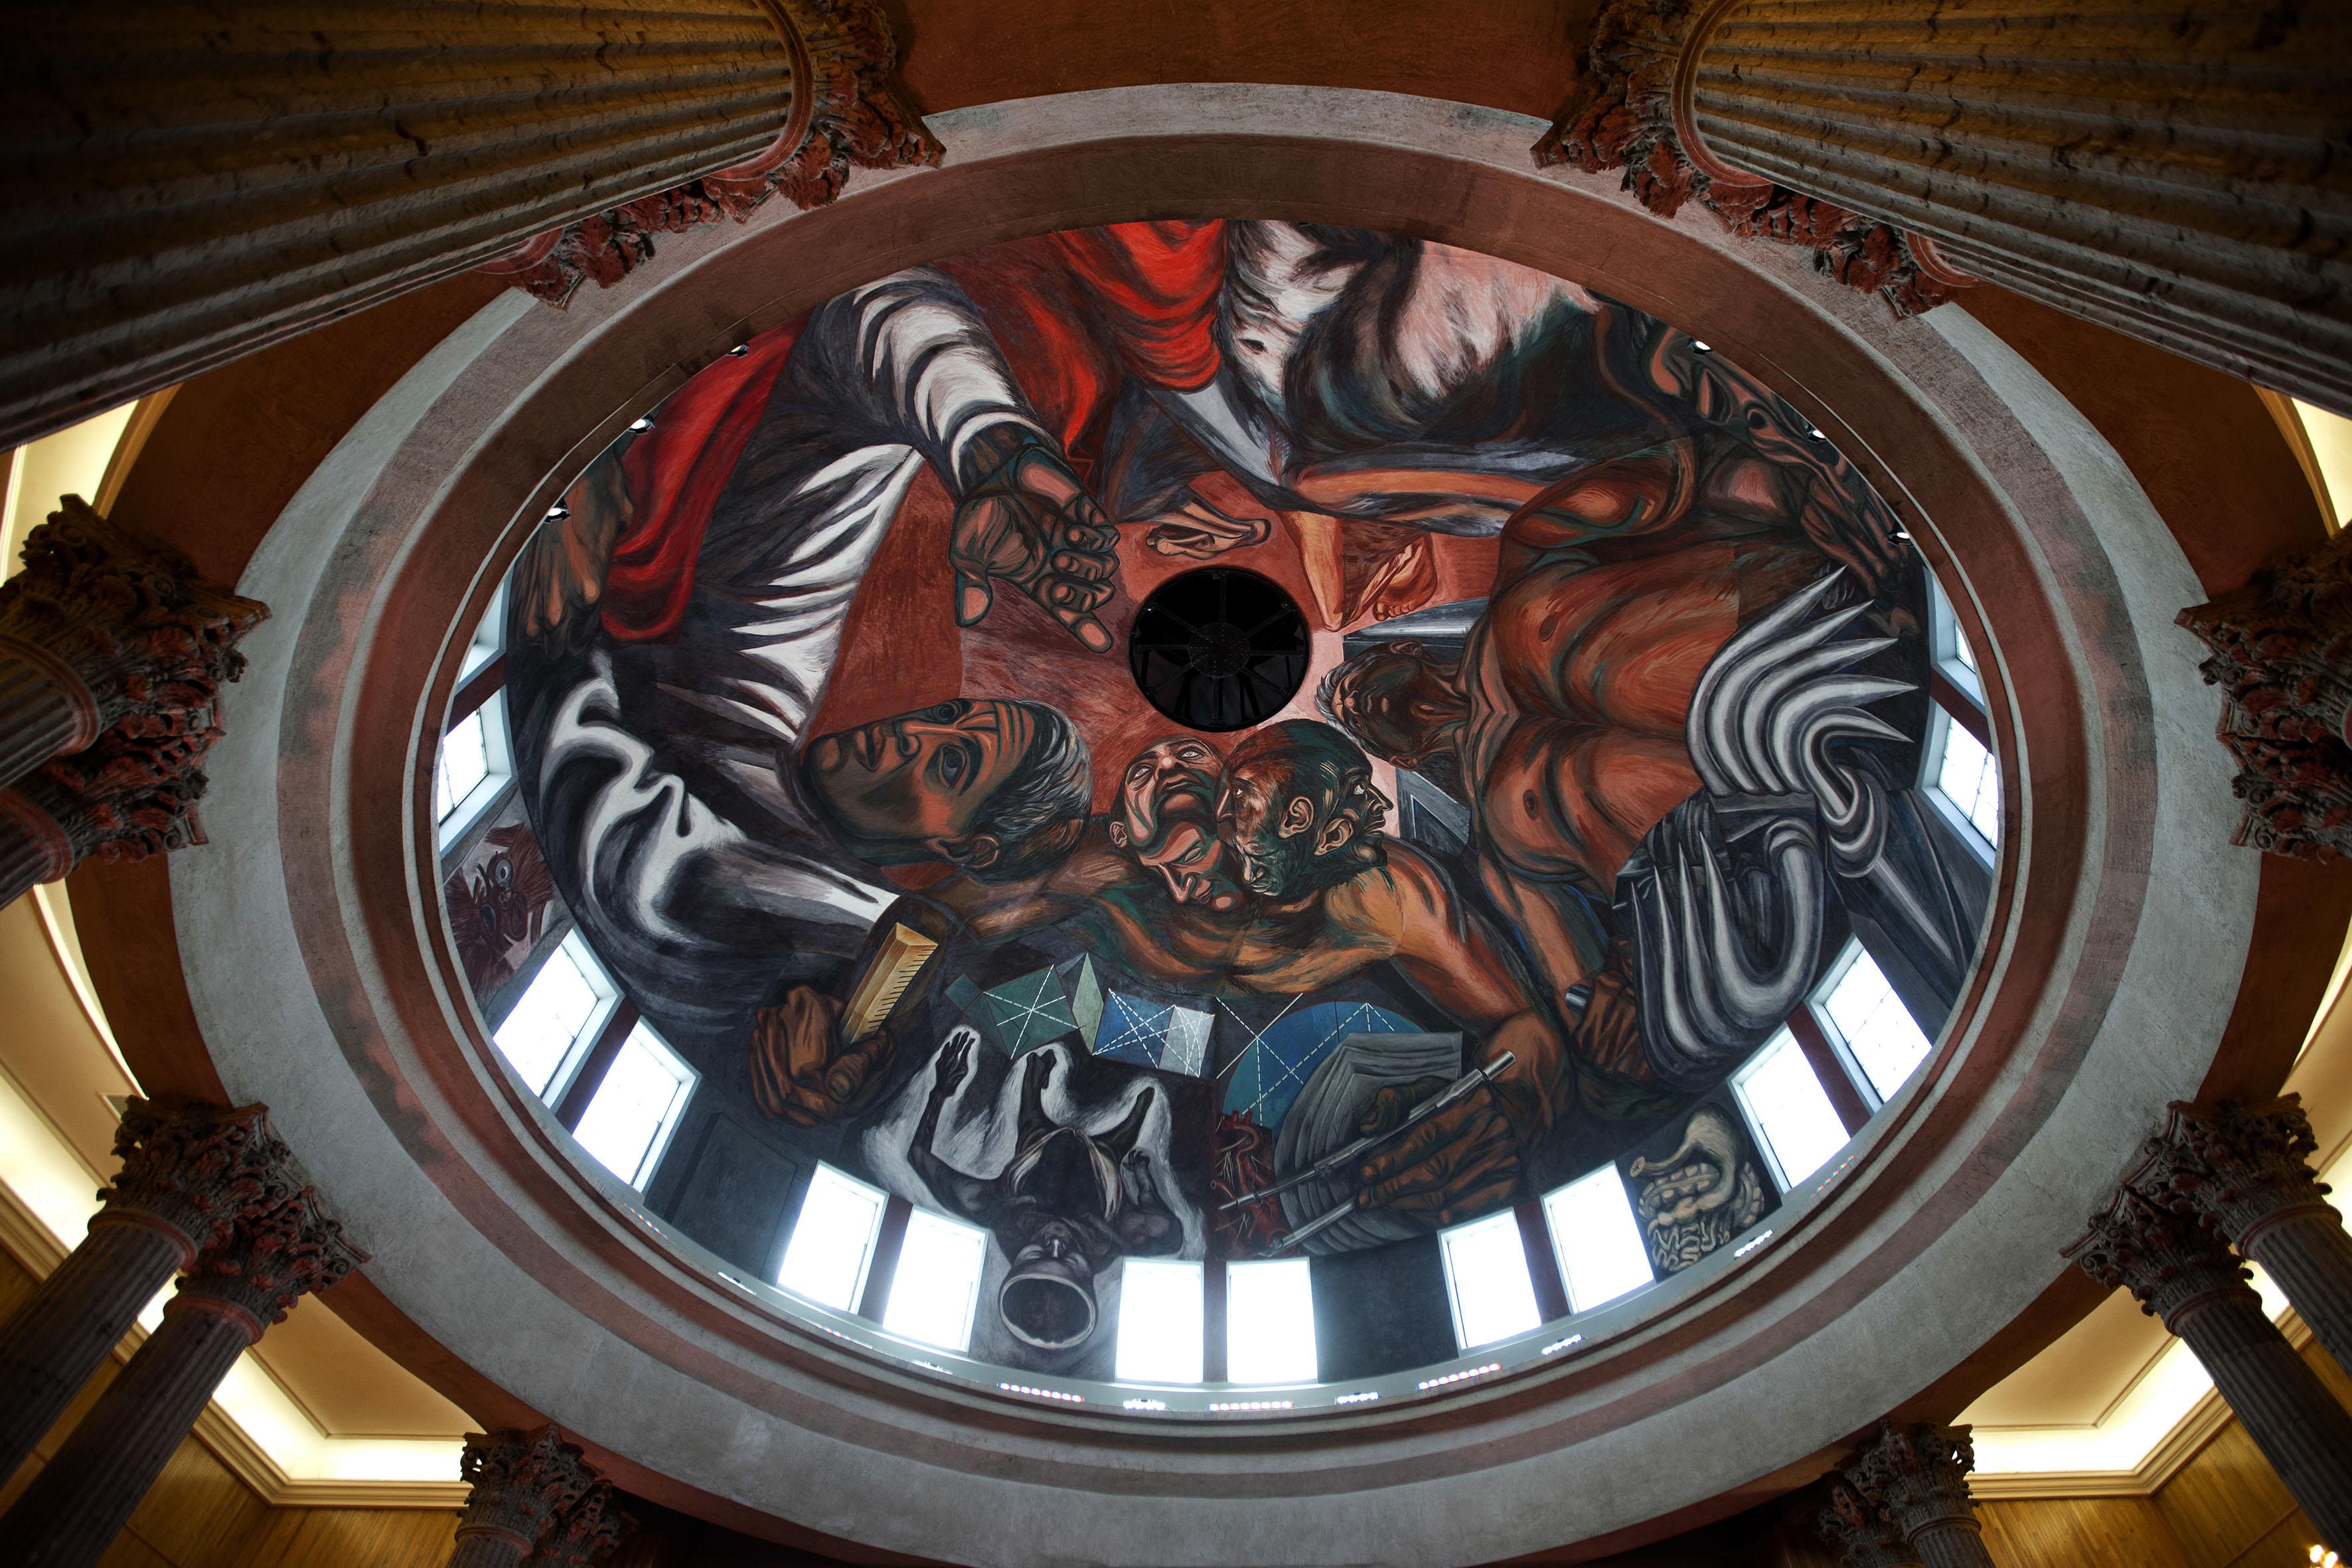 la exaltación del hombre a través de la ciencia mural restaurado en el paraninfo